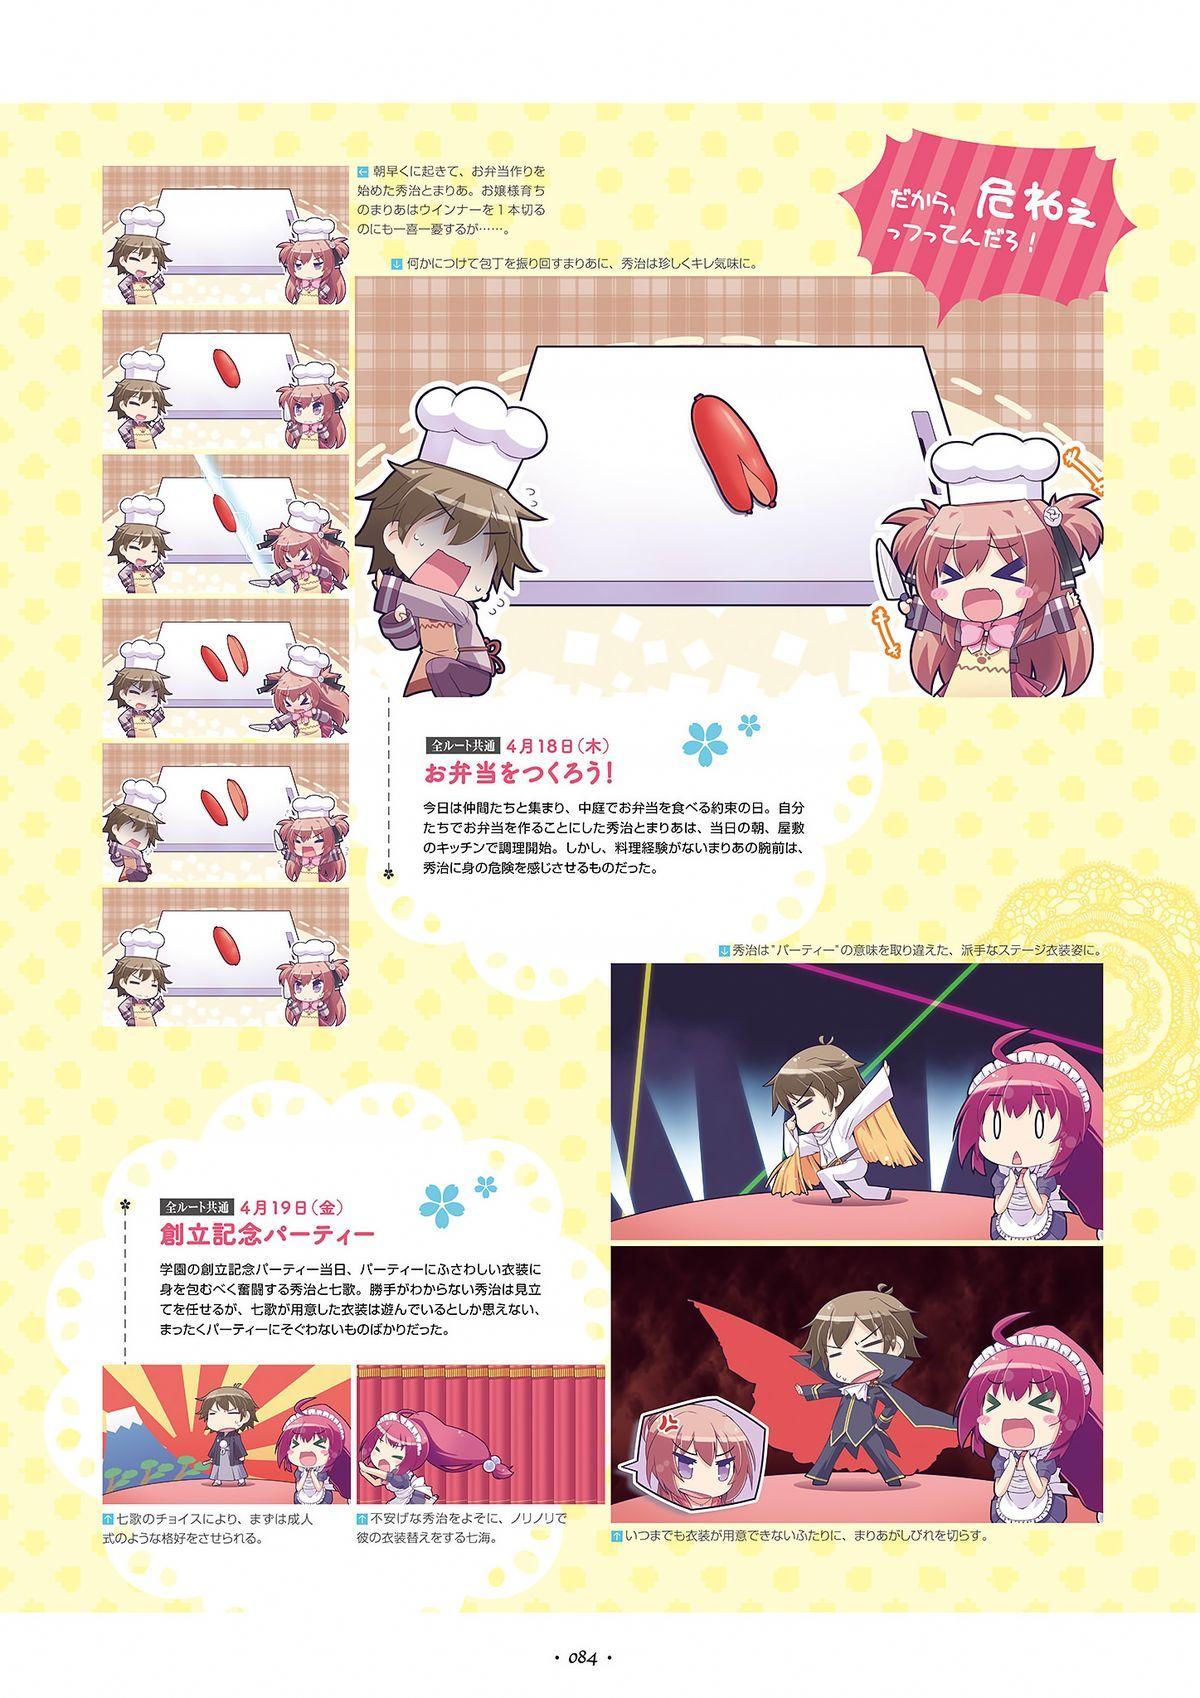 Shukufuku no Kane no Oto wa, Sakura-iro no Kaze to Tomo ni Visual Fanbook 85